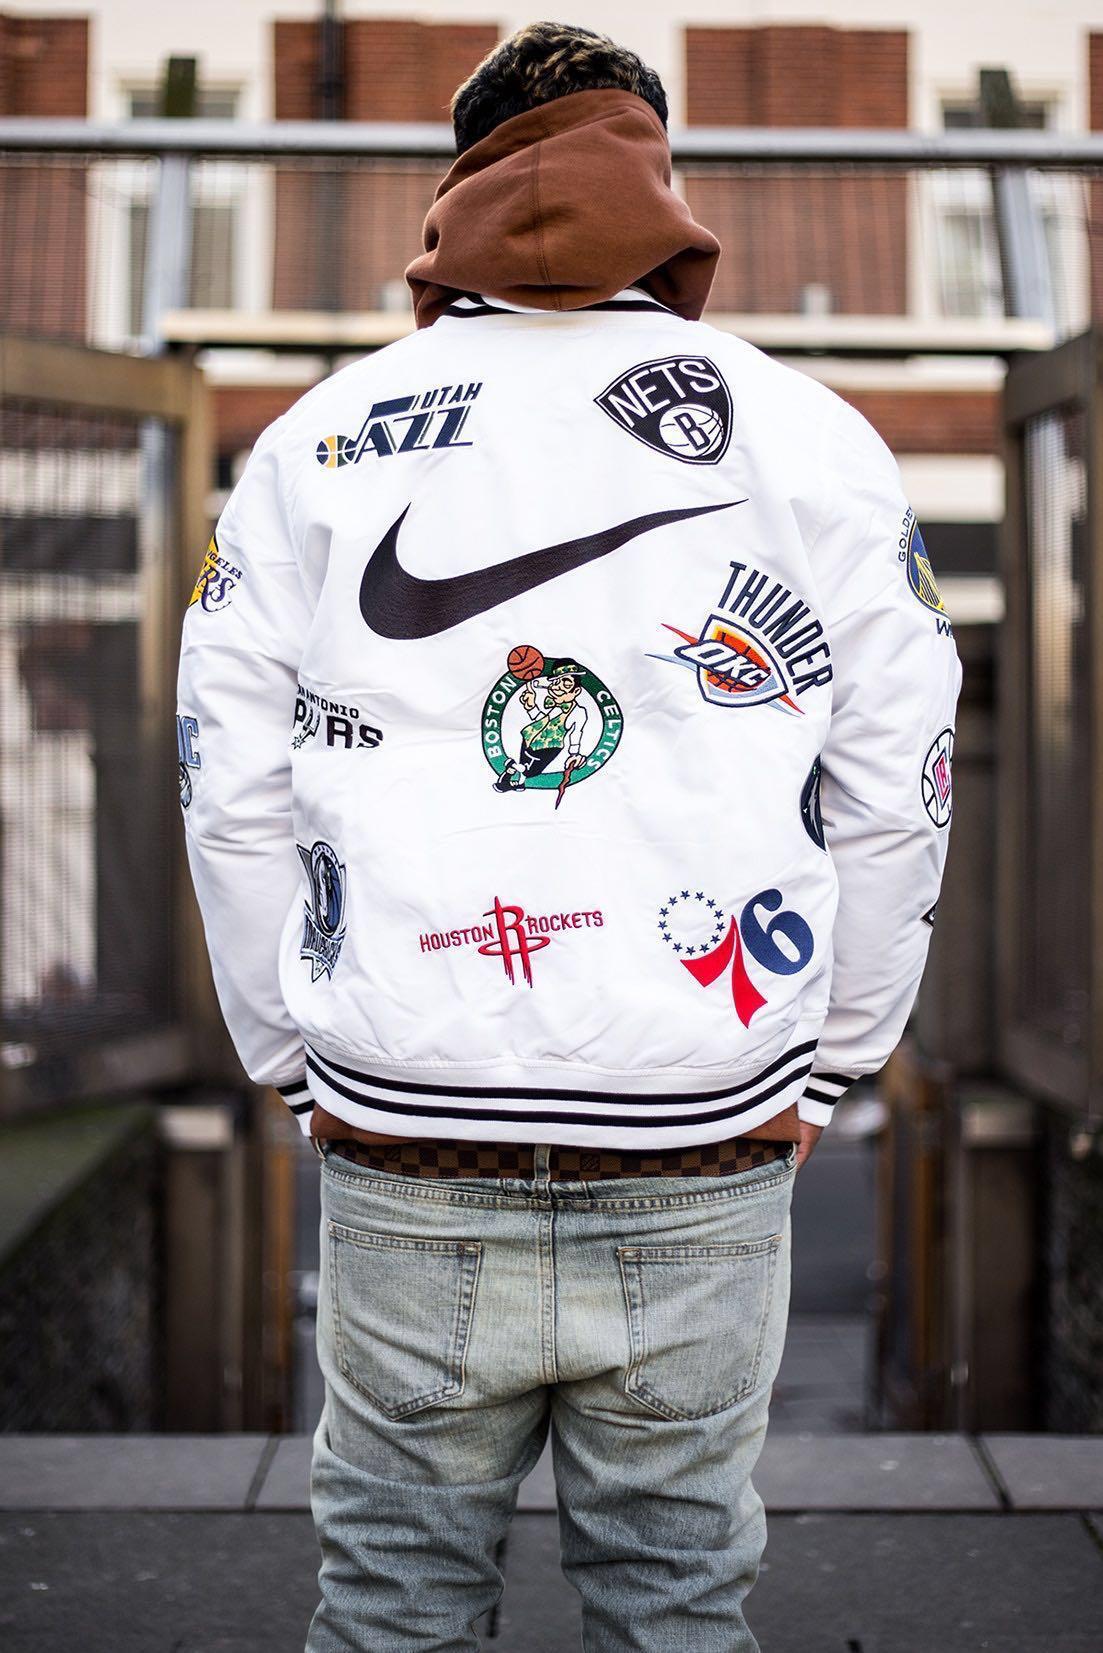 capacidad Estimar Bigote  Nike x Supreme x NBA Varsity White Jacket, Men's Fashion, Clothes on  Carousell